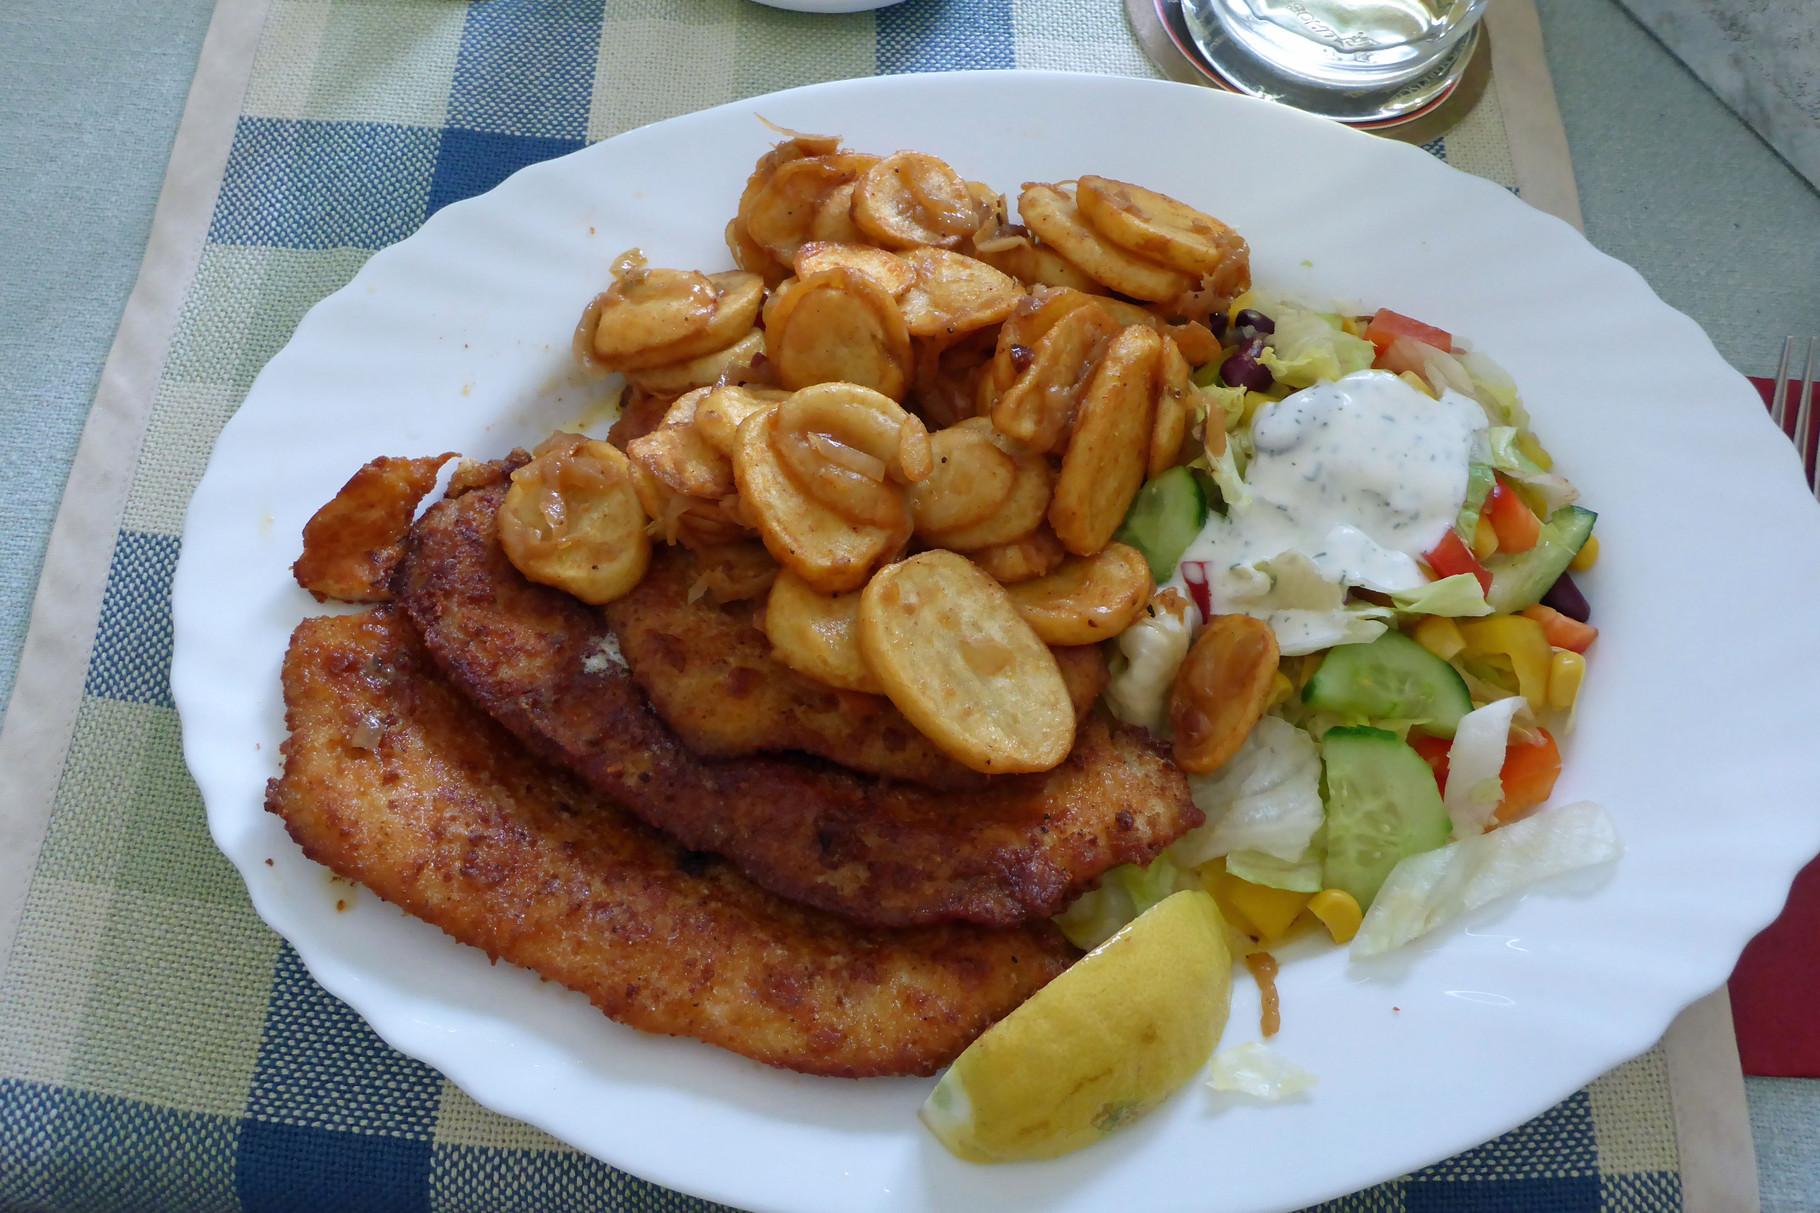 Gut beköstigt und freundlich bedient wurden wir beim Fischer in Altfriesack.